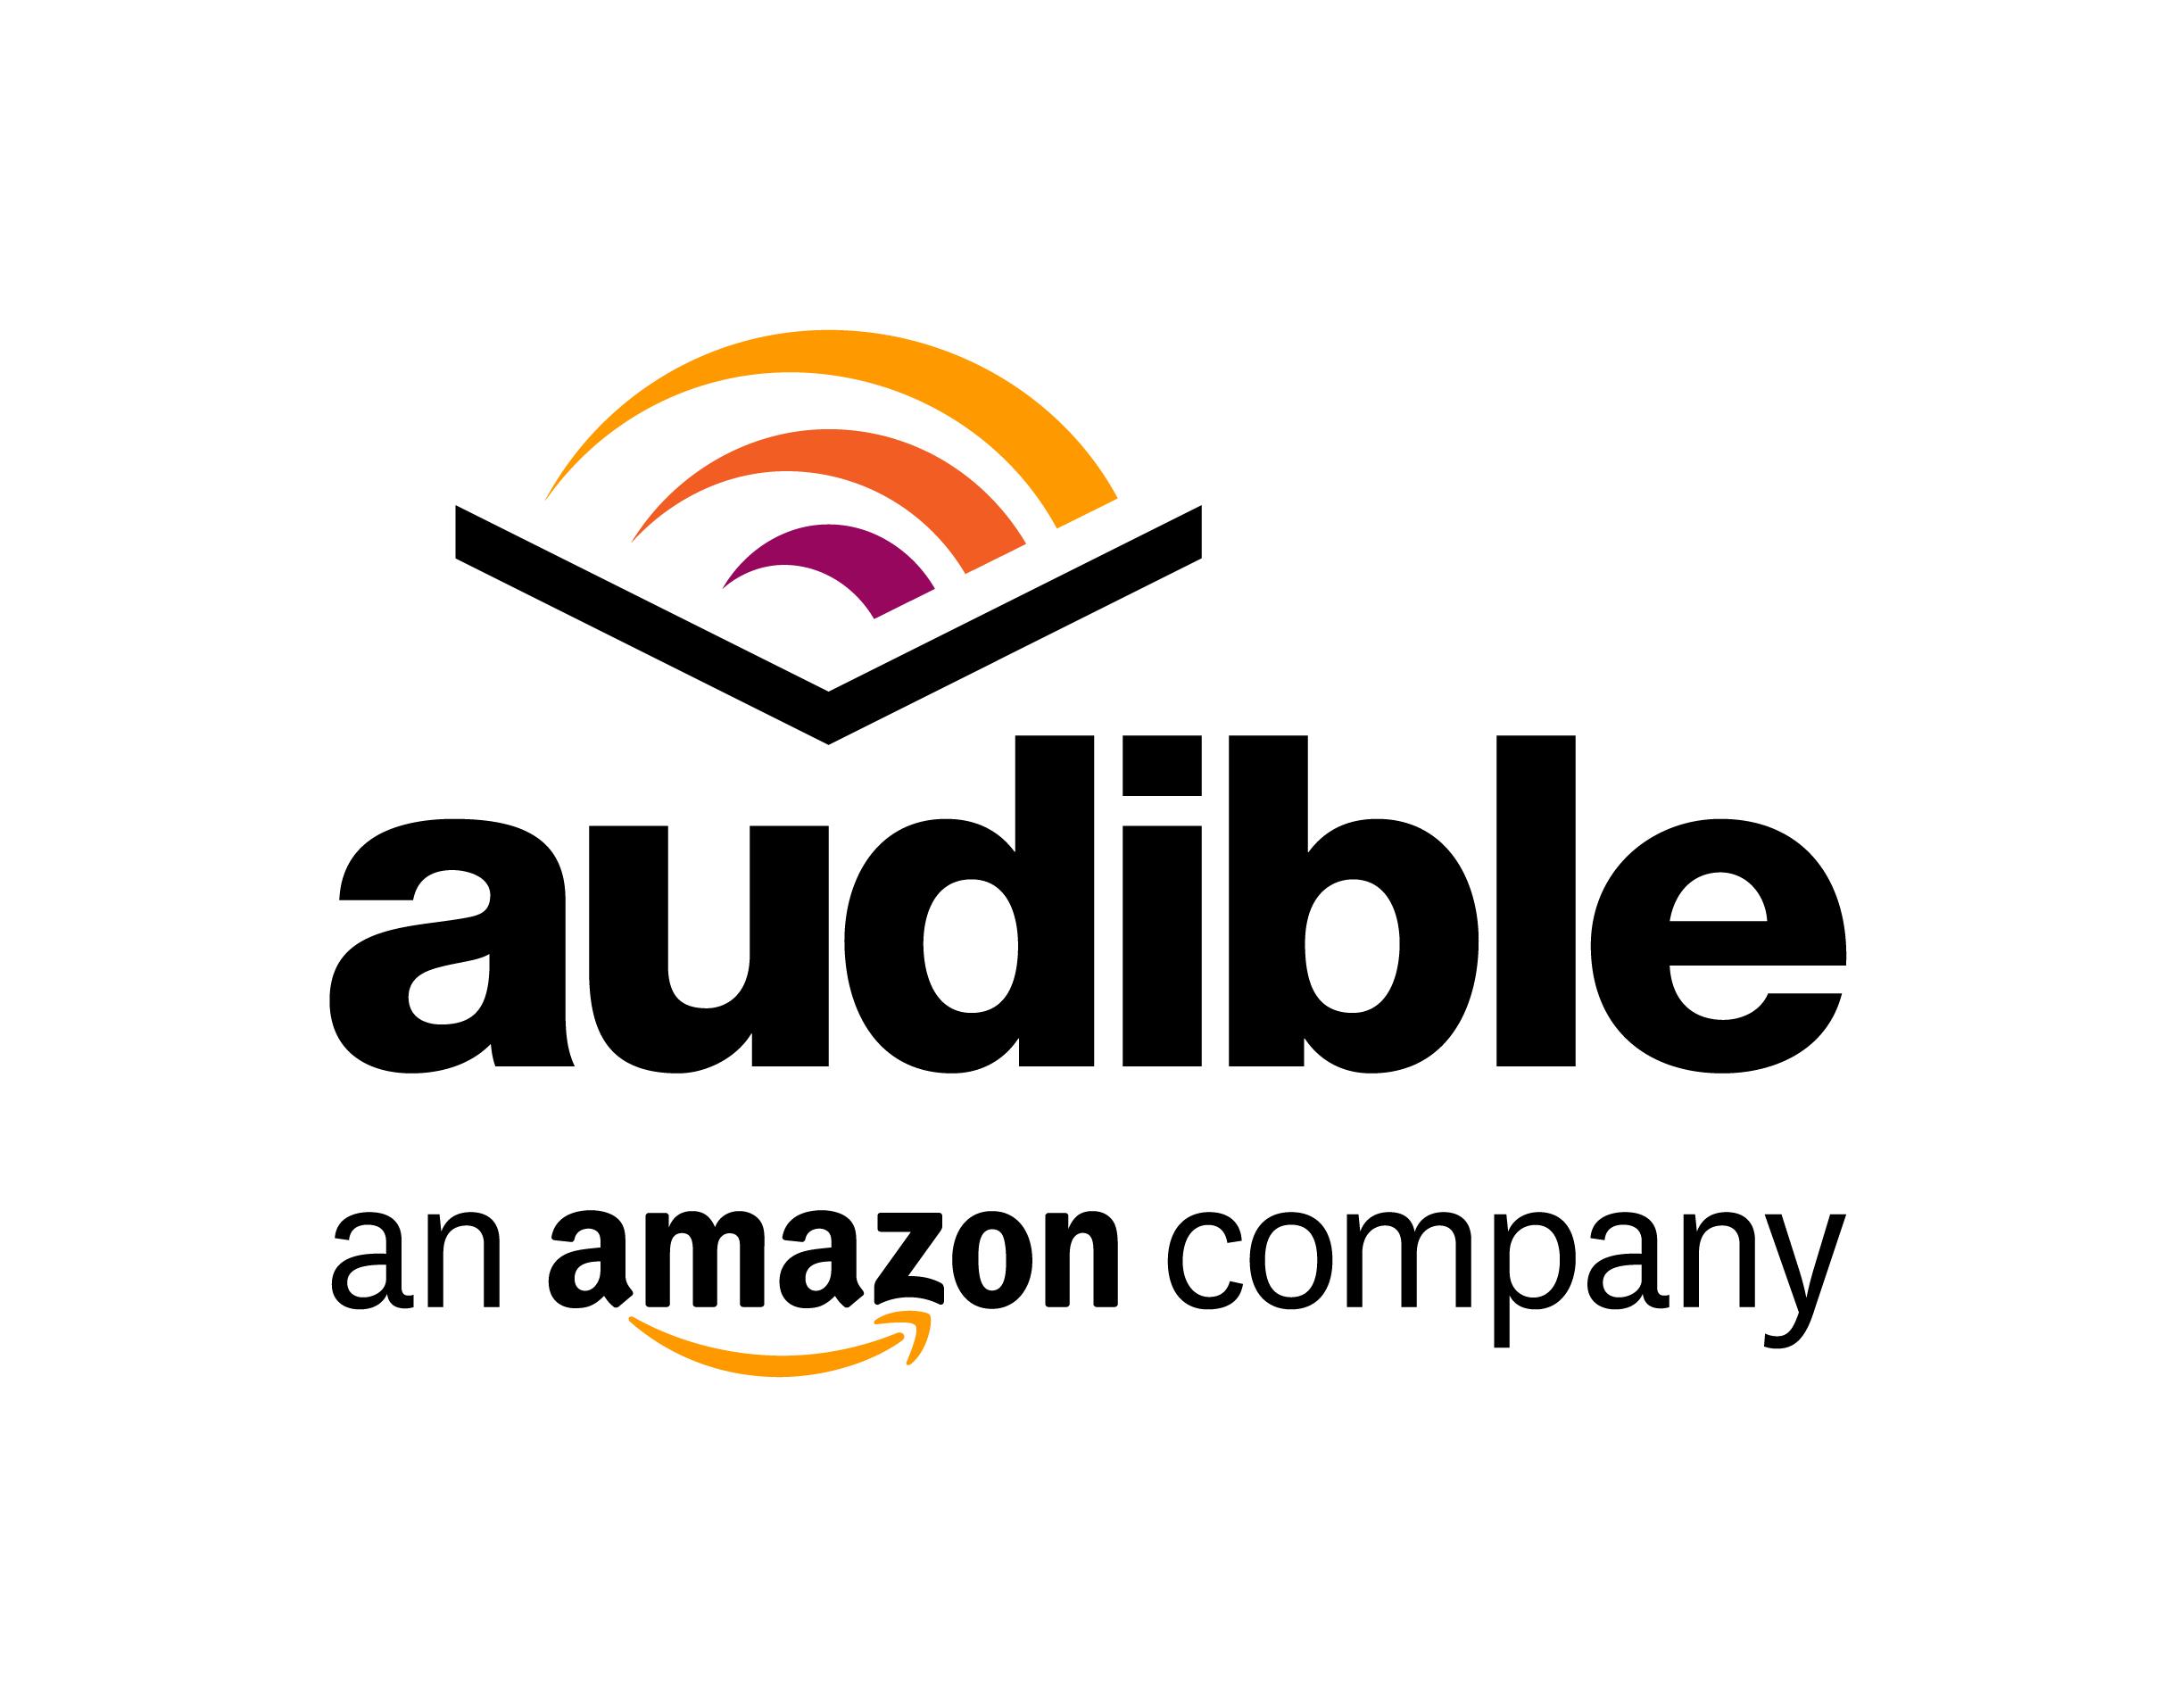 audible_amazon.png